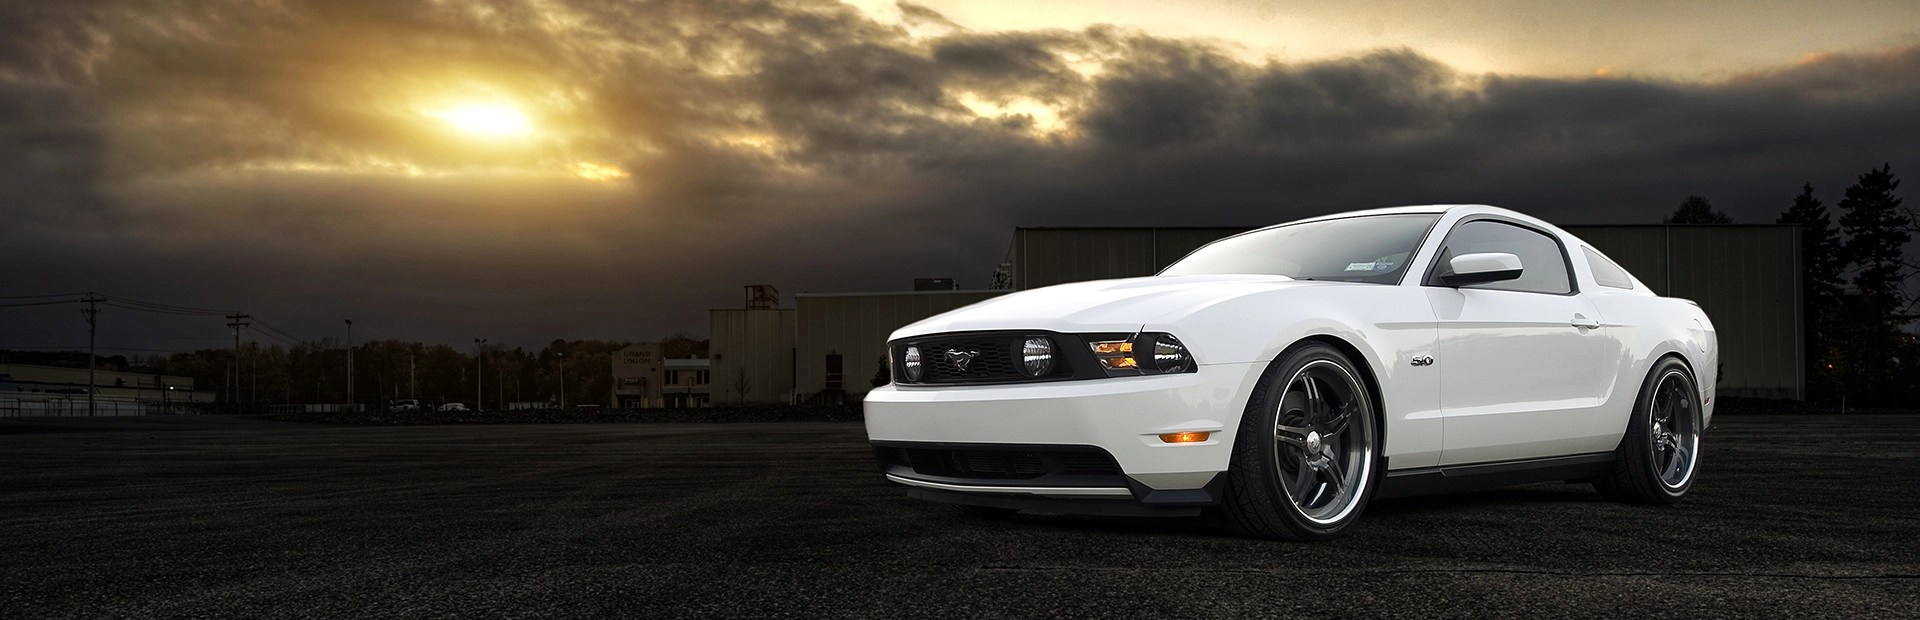 Automotive Services